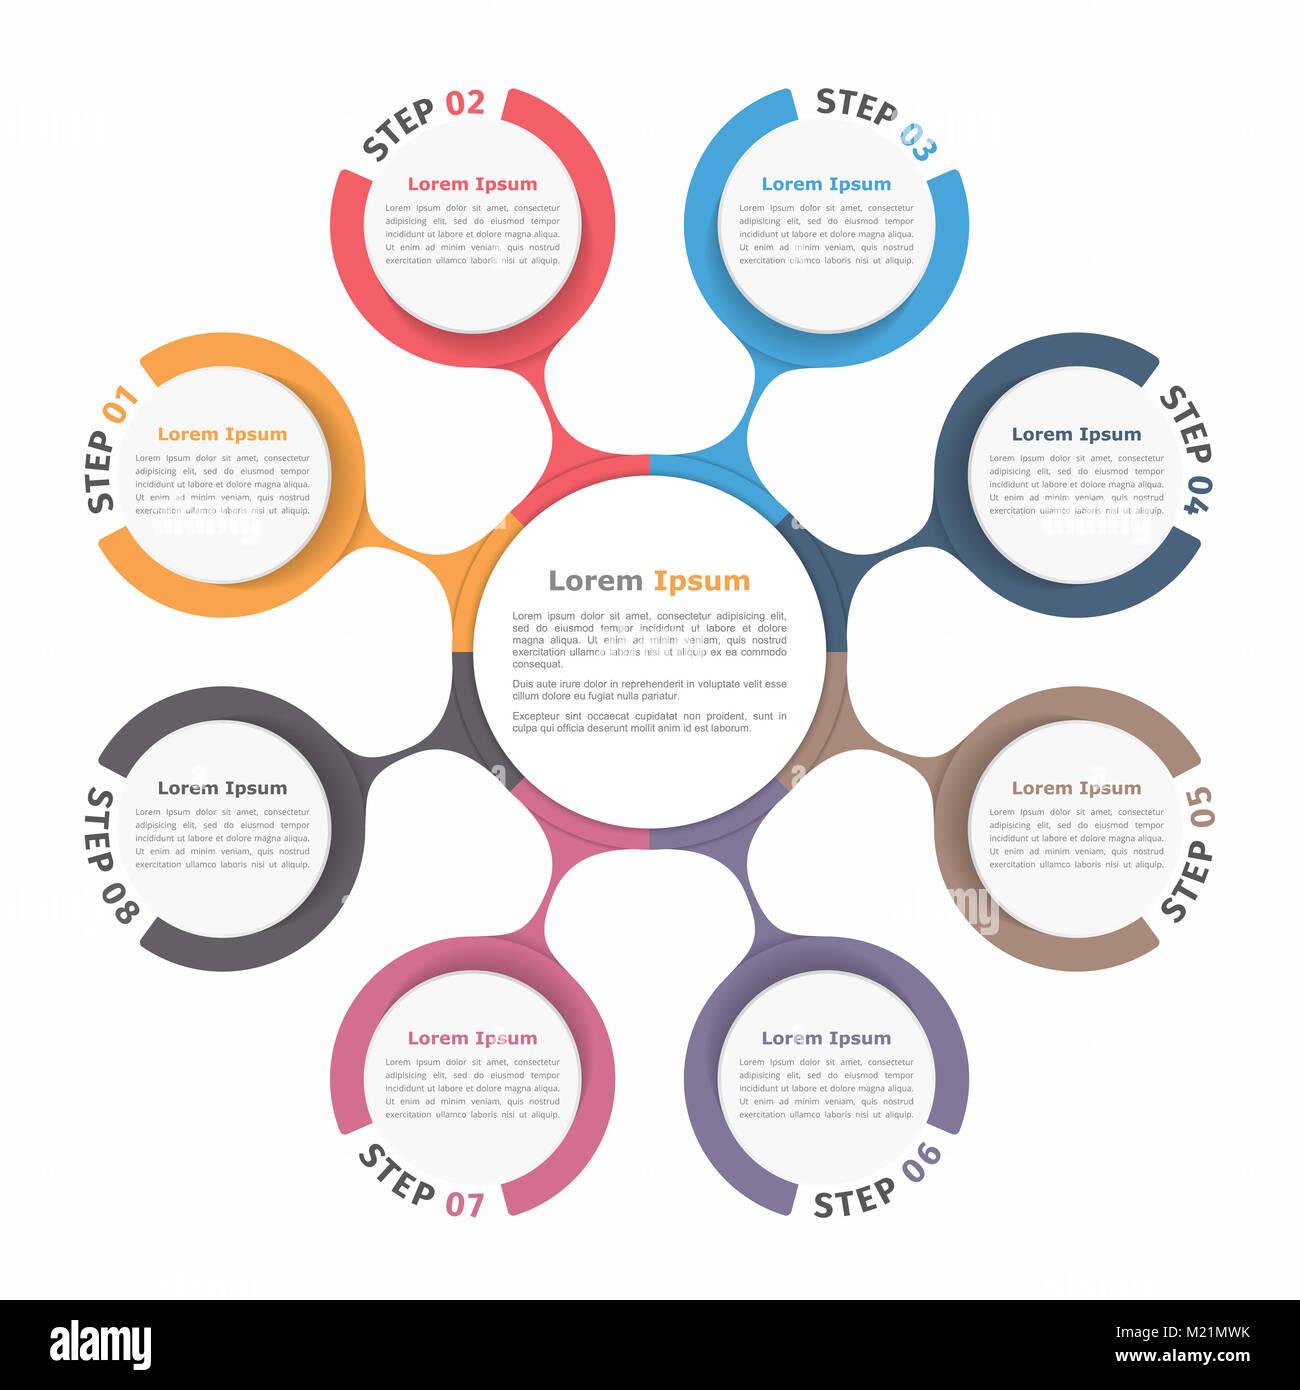 Nett Einfache Diagrammvorlage Ideen - Beispiel Business Lebenslauf ...